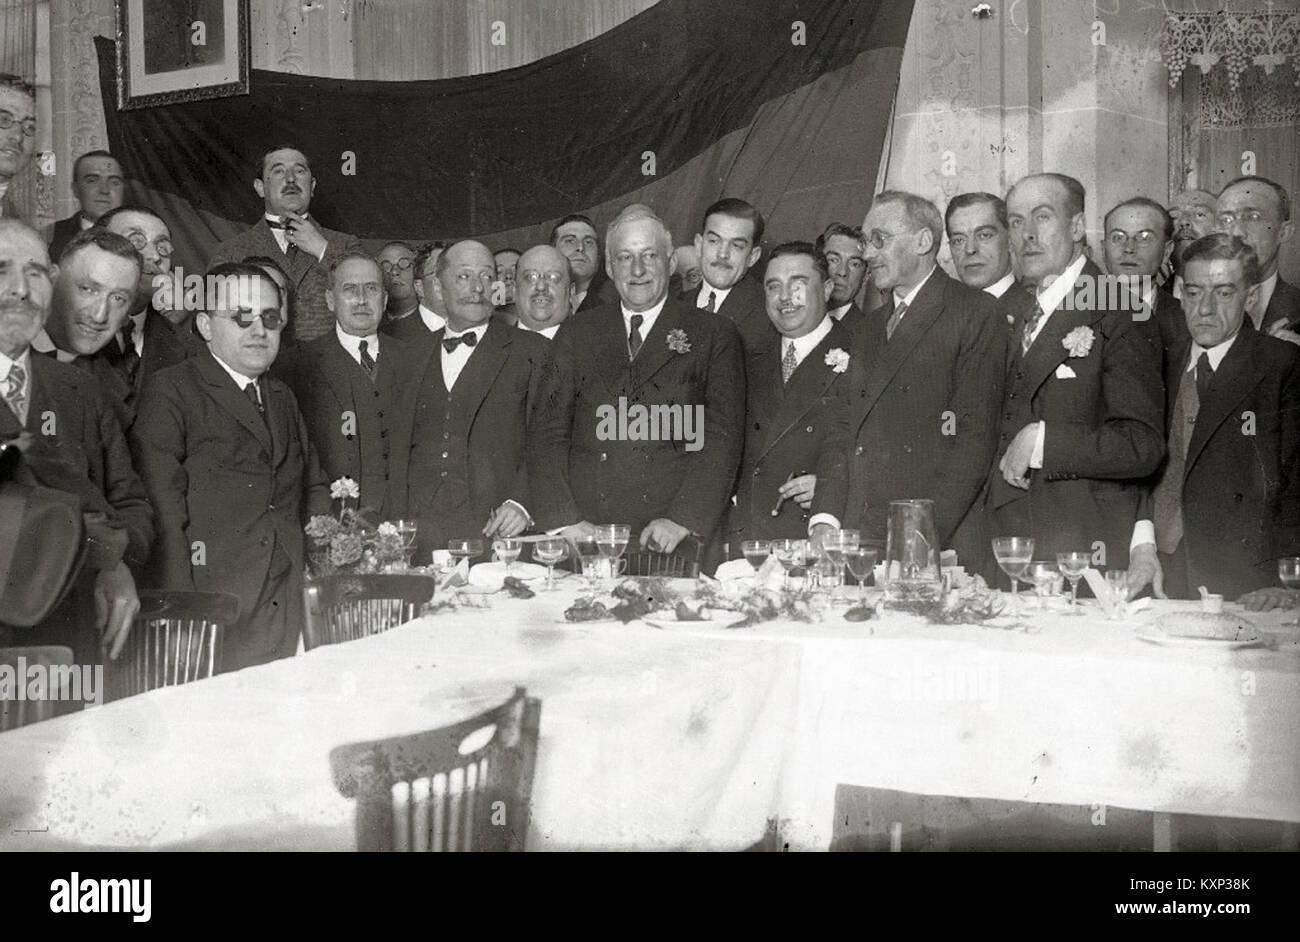 El general Miguel Primo de Rivera acompañado de un grupo de hombres en un restaurante (1 de 1) - Fondo Car - Stock Image